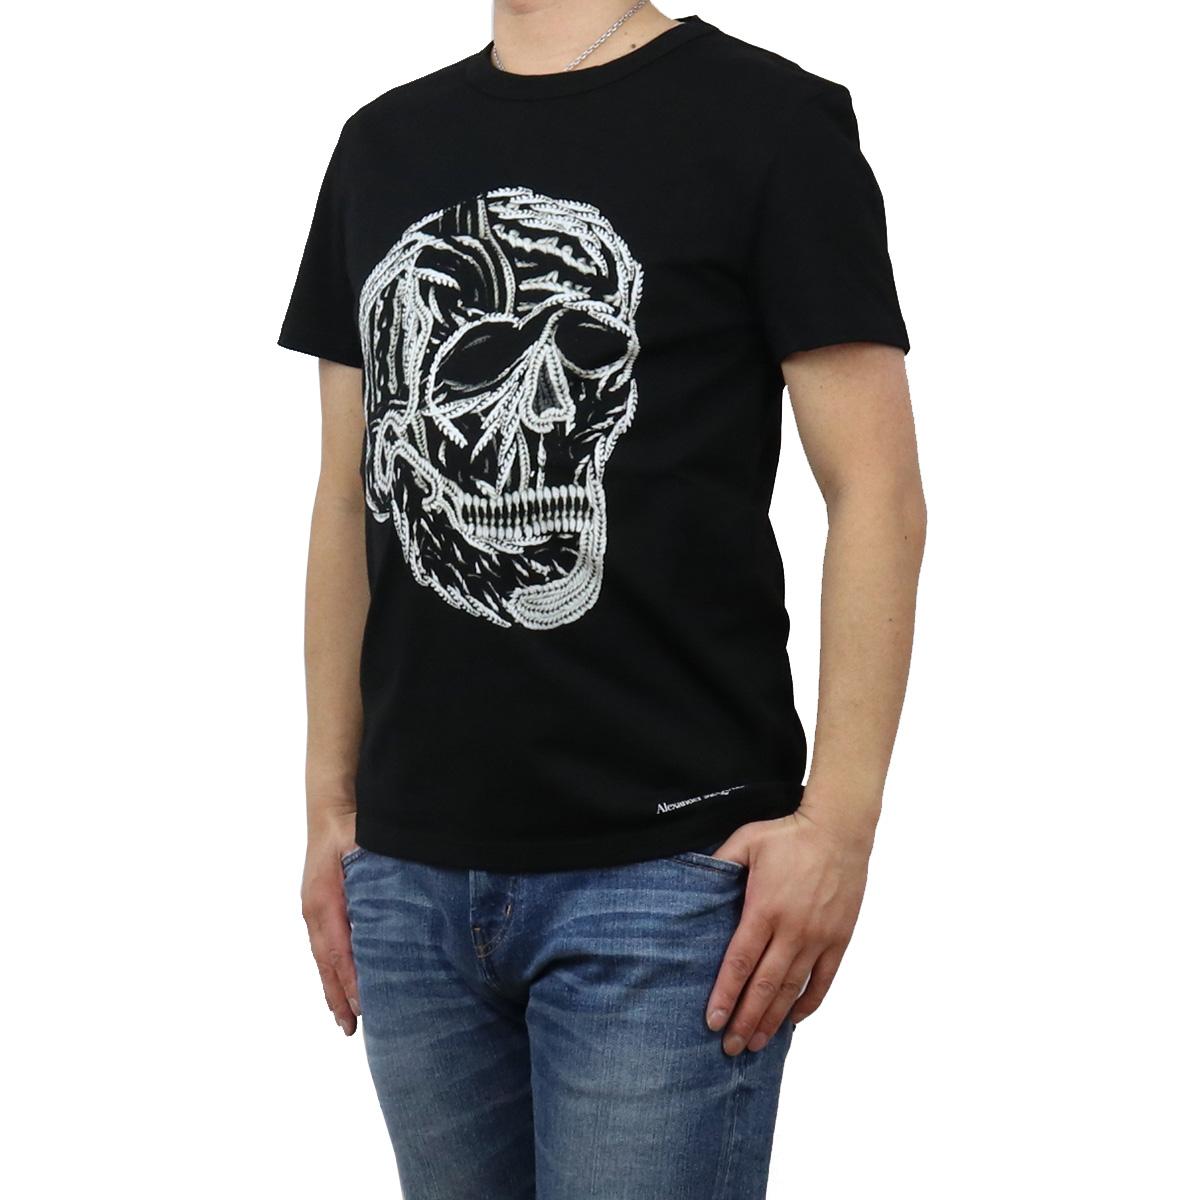 ※ 登場大人気アイテム 送料無料 ラッピング無料 アレキサンダーマックイーン 評価 Alexander McQueen メンズ-Tシャツ 631391 0901 メンズ ブラック bos-34 ts-01 QPZ87 apparel-01 big-01